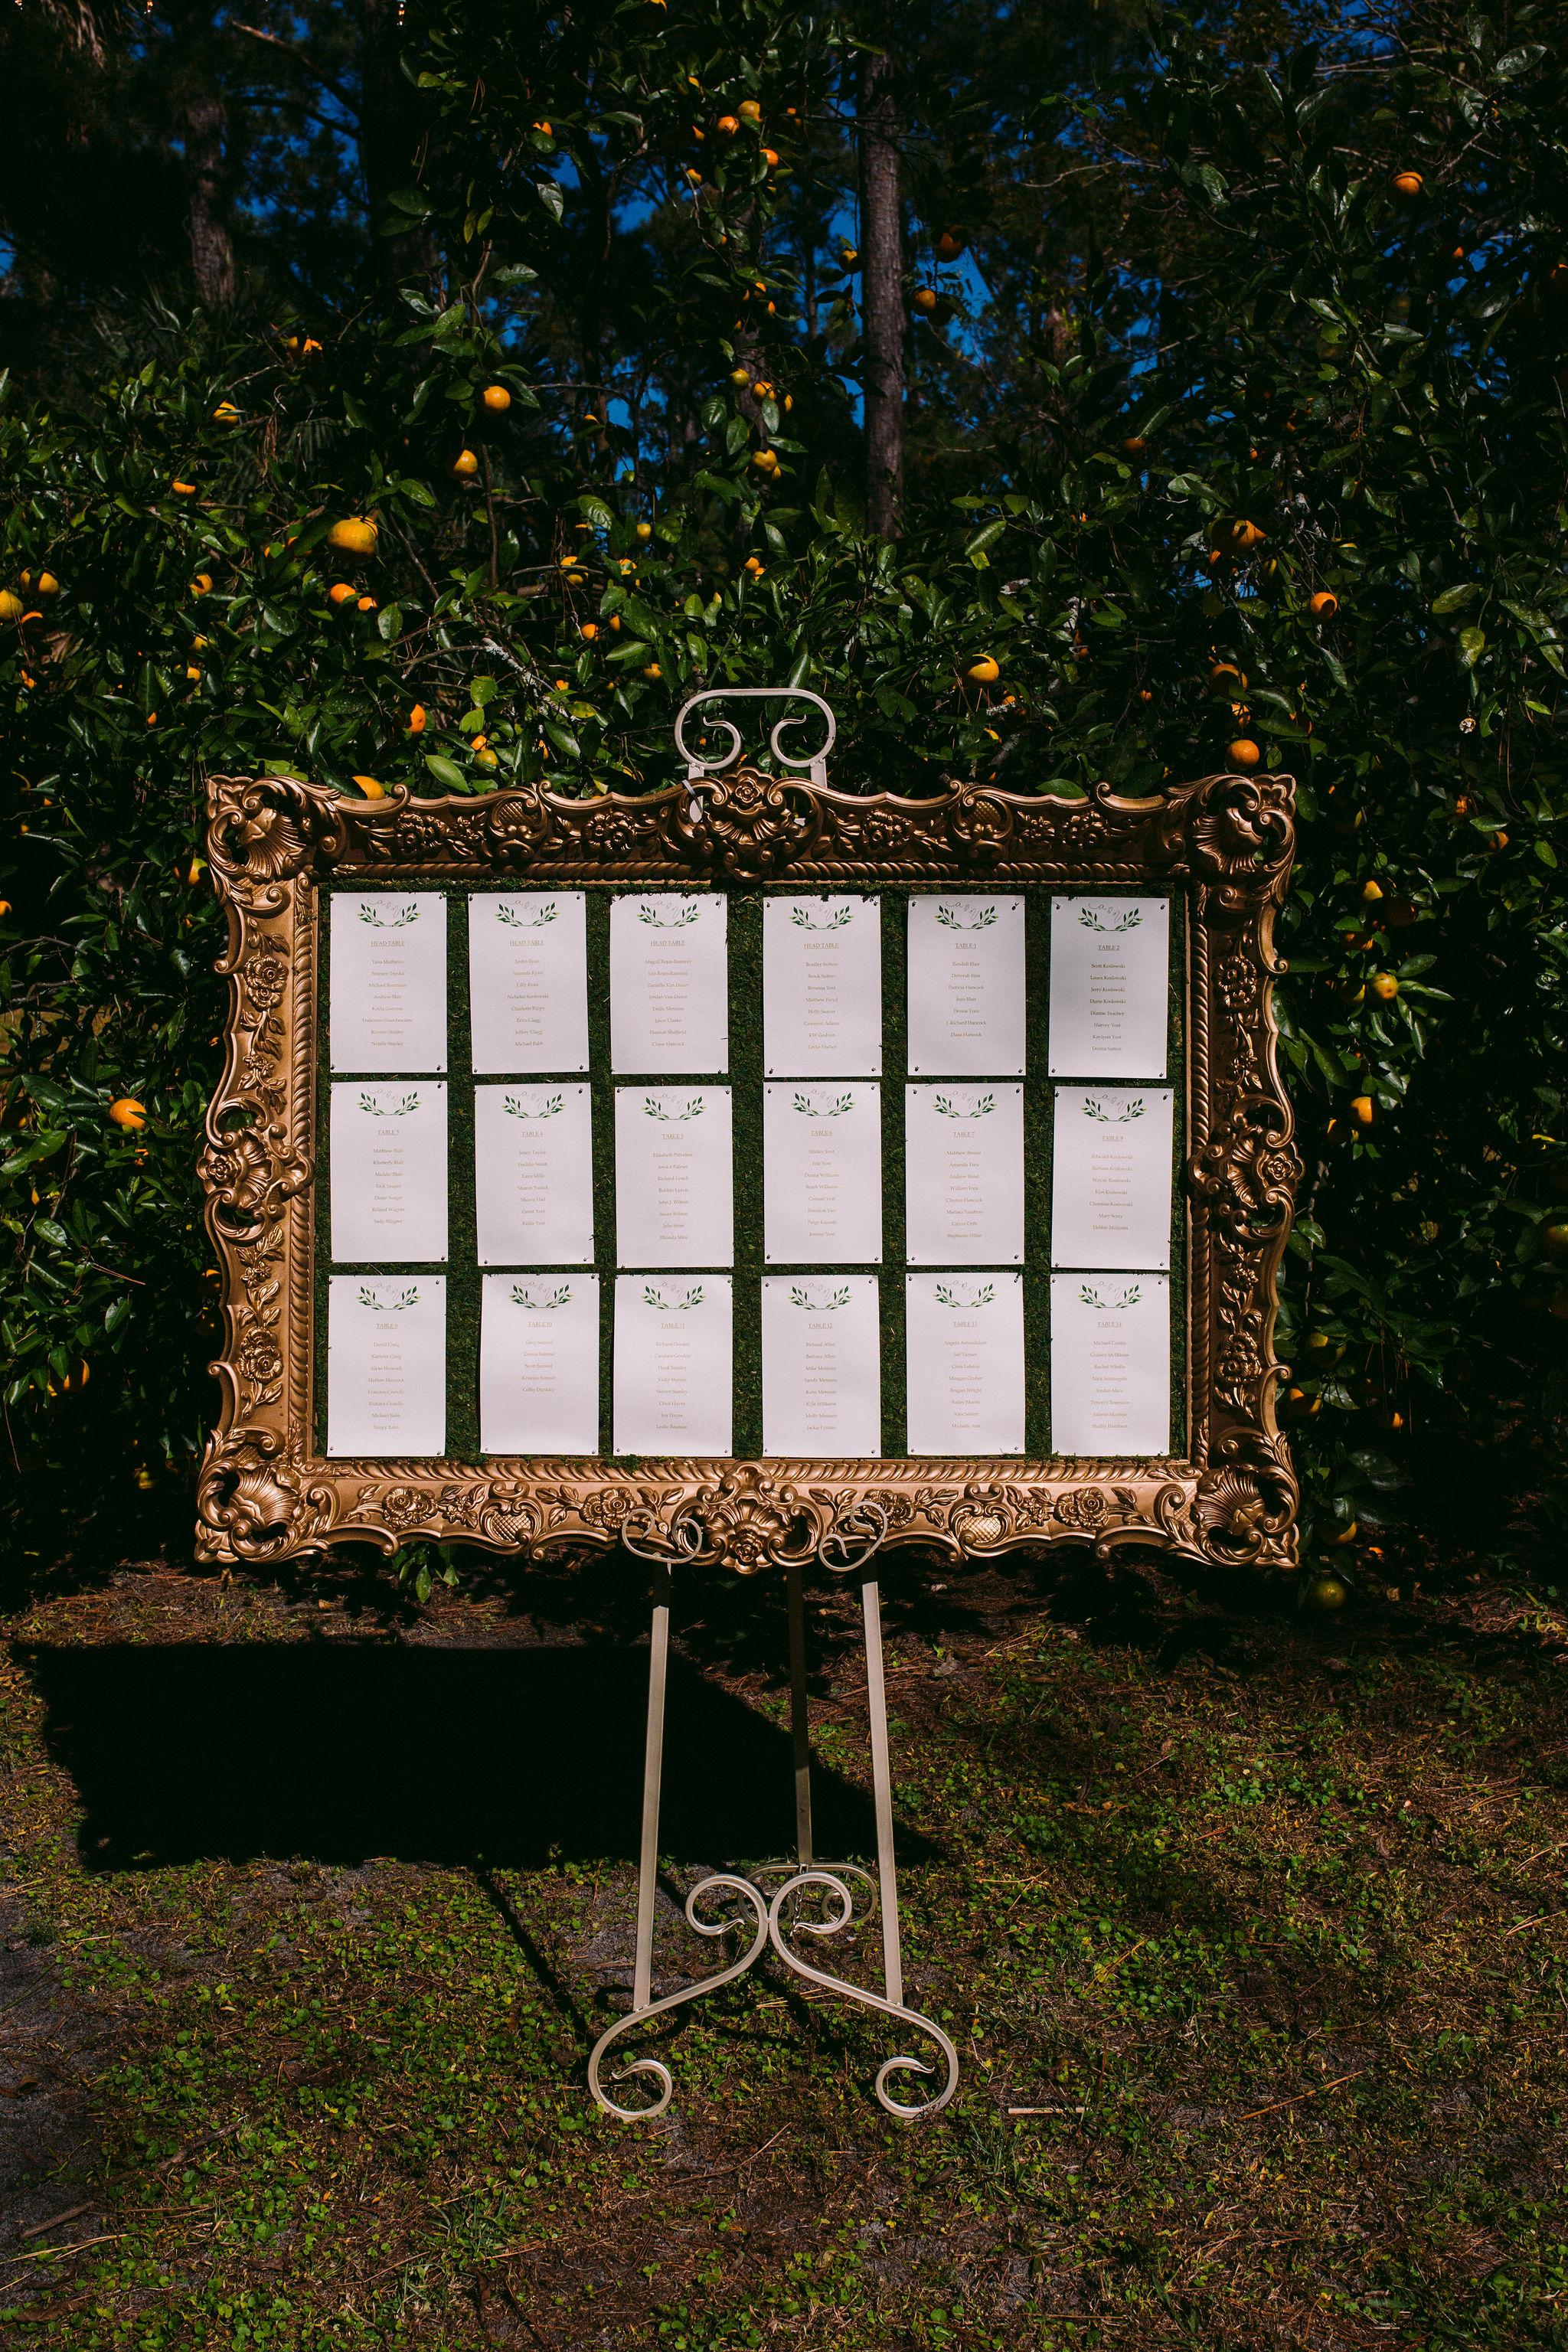 Jesseandlex_181103_AlexisNate_Wedding_Details_003.jpg